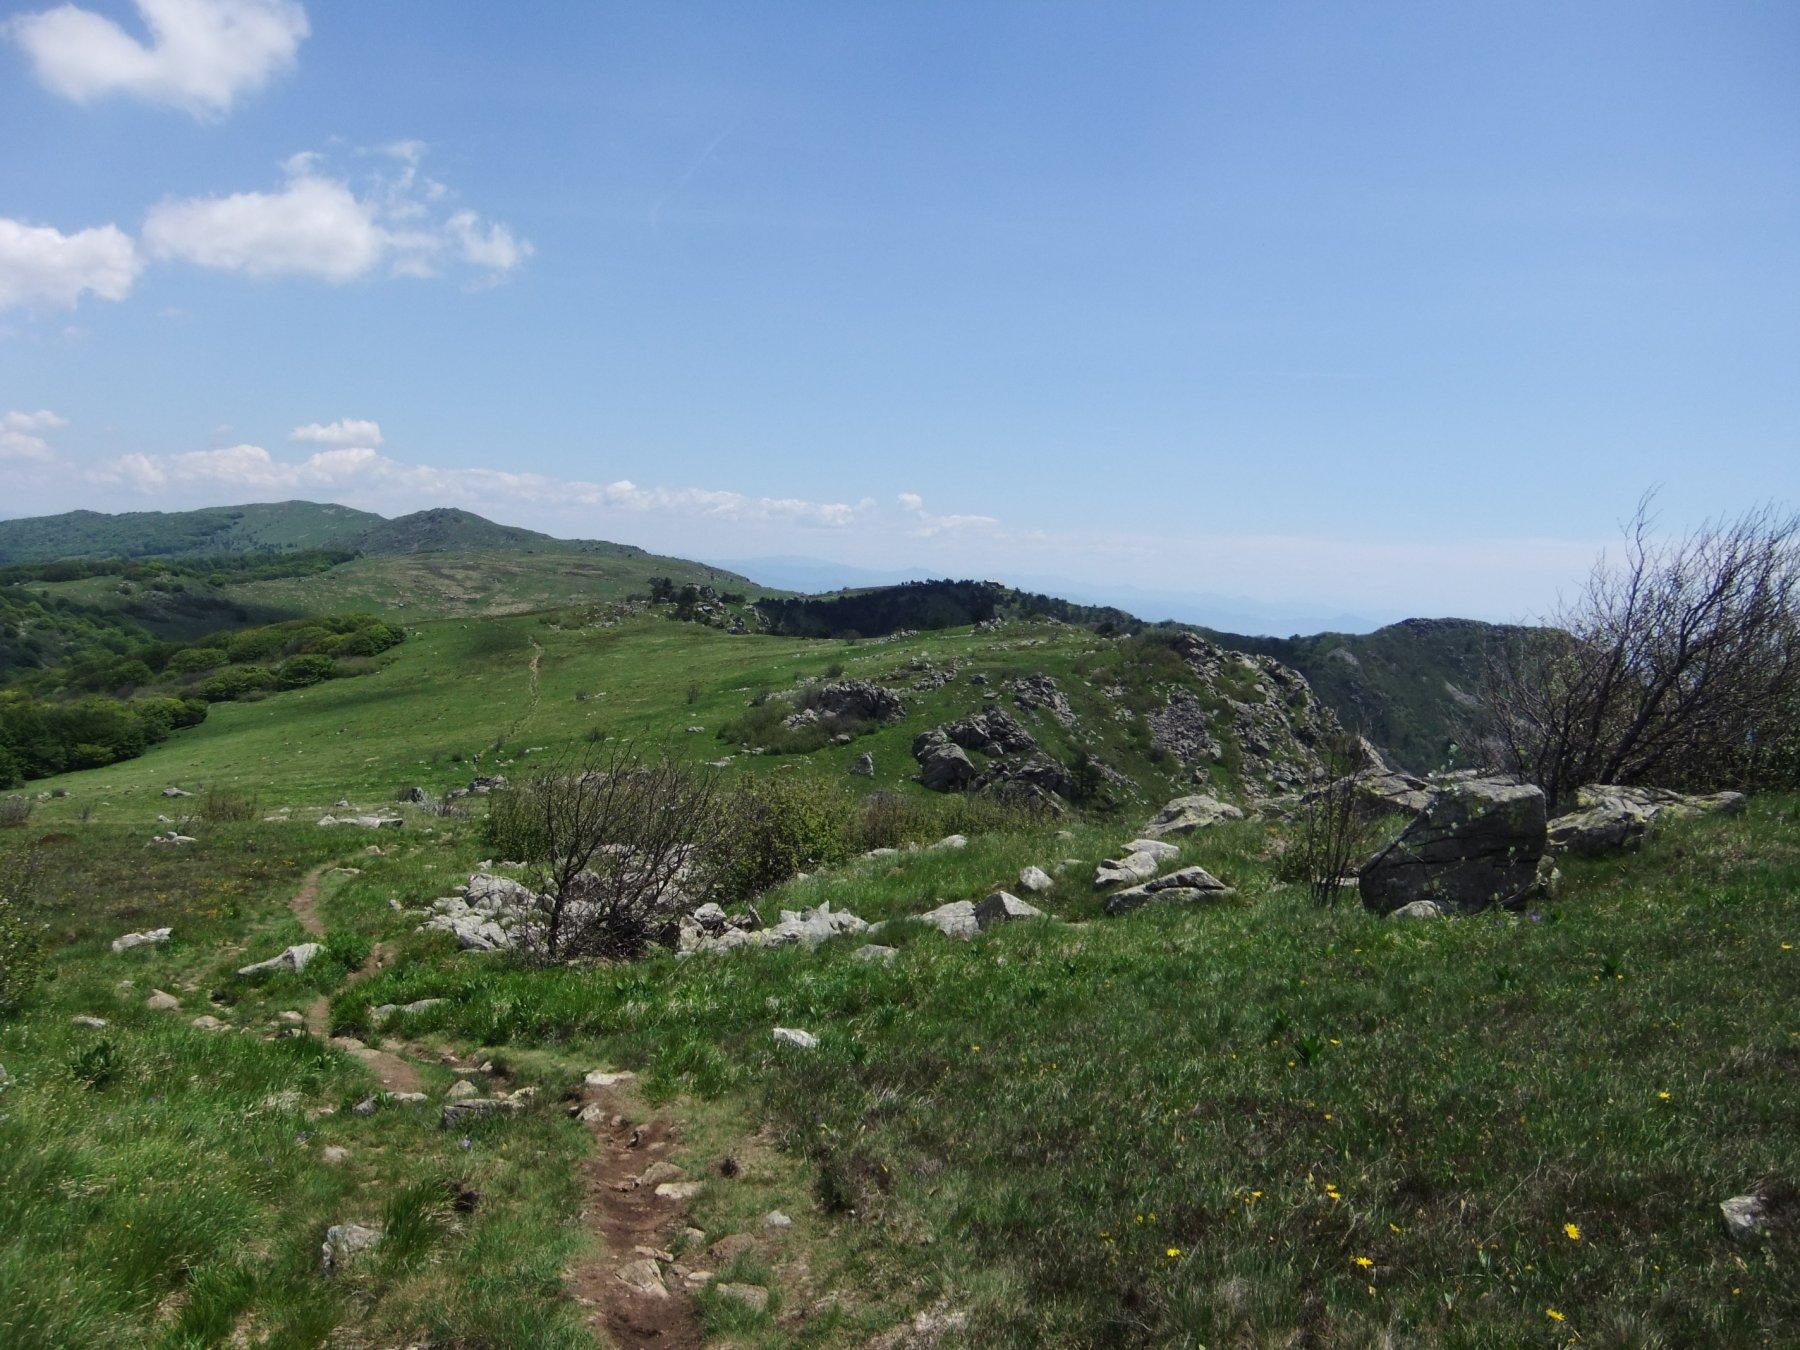 Argentea (Monte) da Prato Rotondo, anello per Rifugio Argentea, Rifugio Padre Rino 2020-04-15